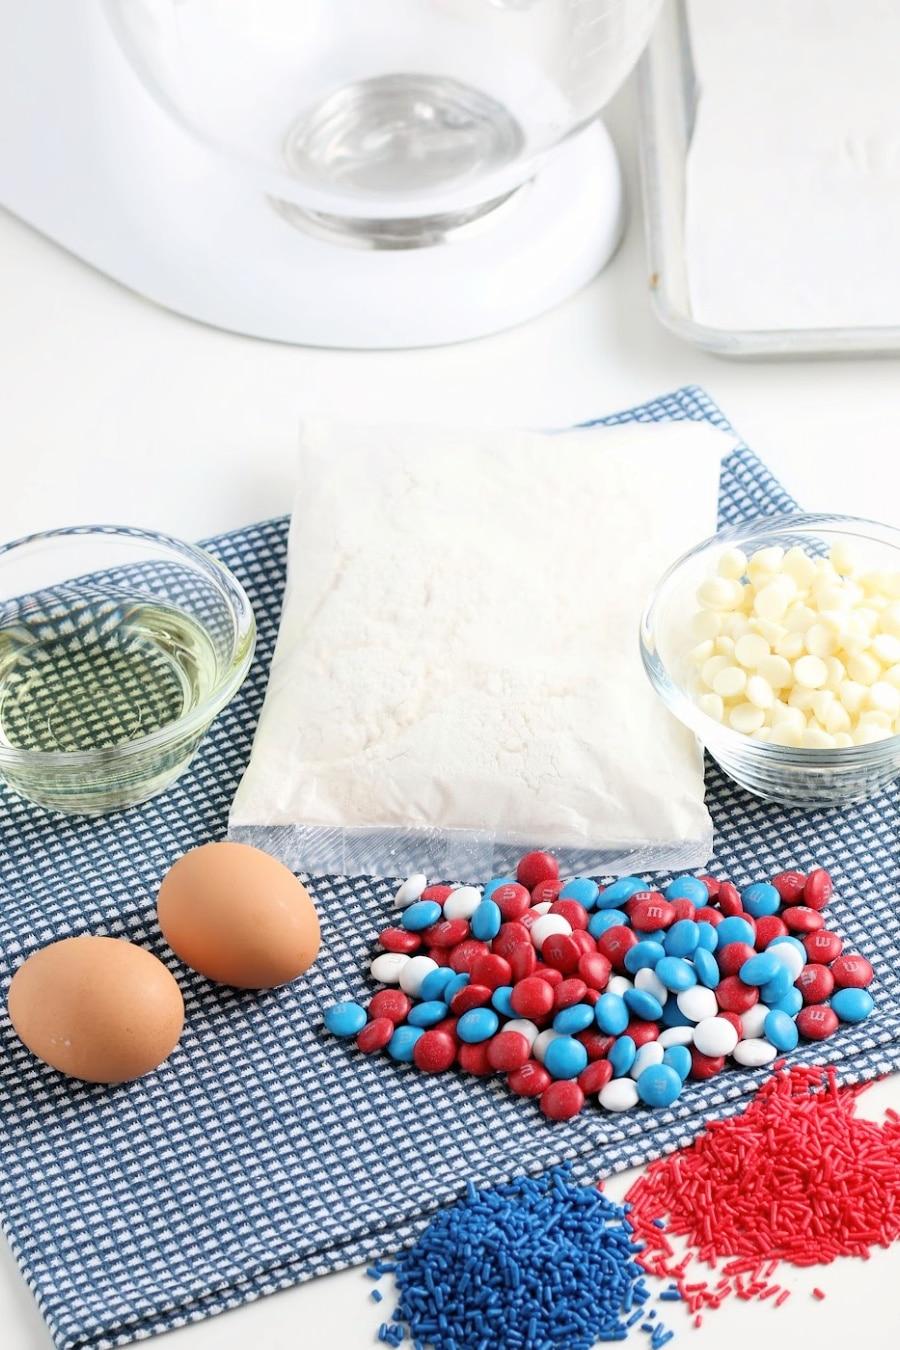 4th of July Cookies Ingredients